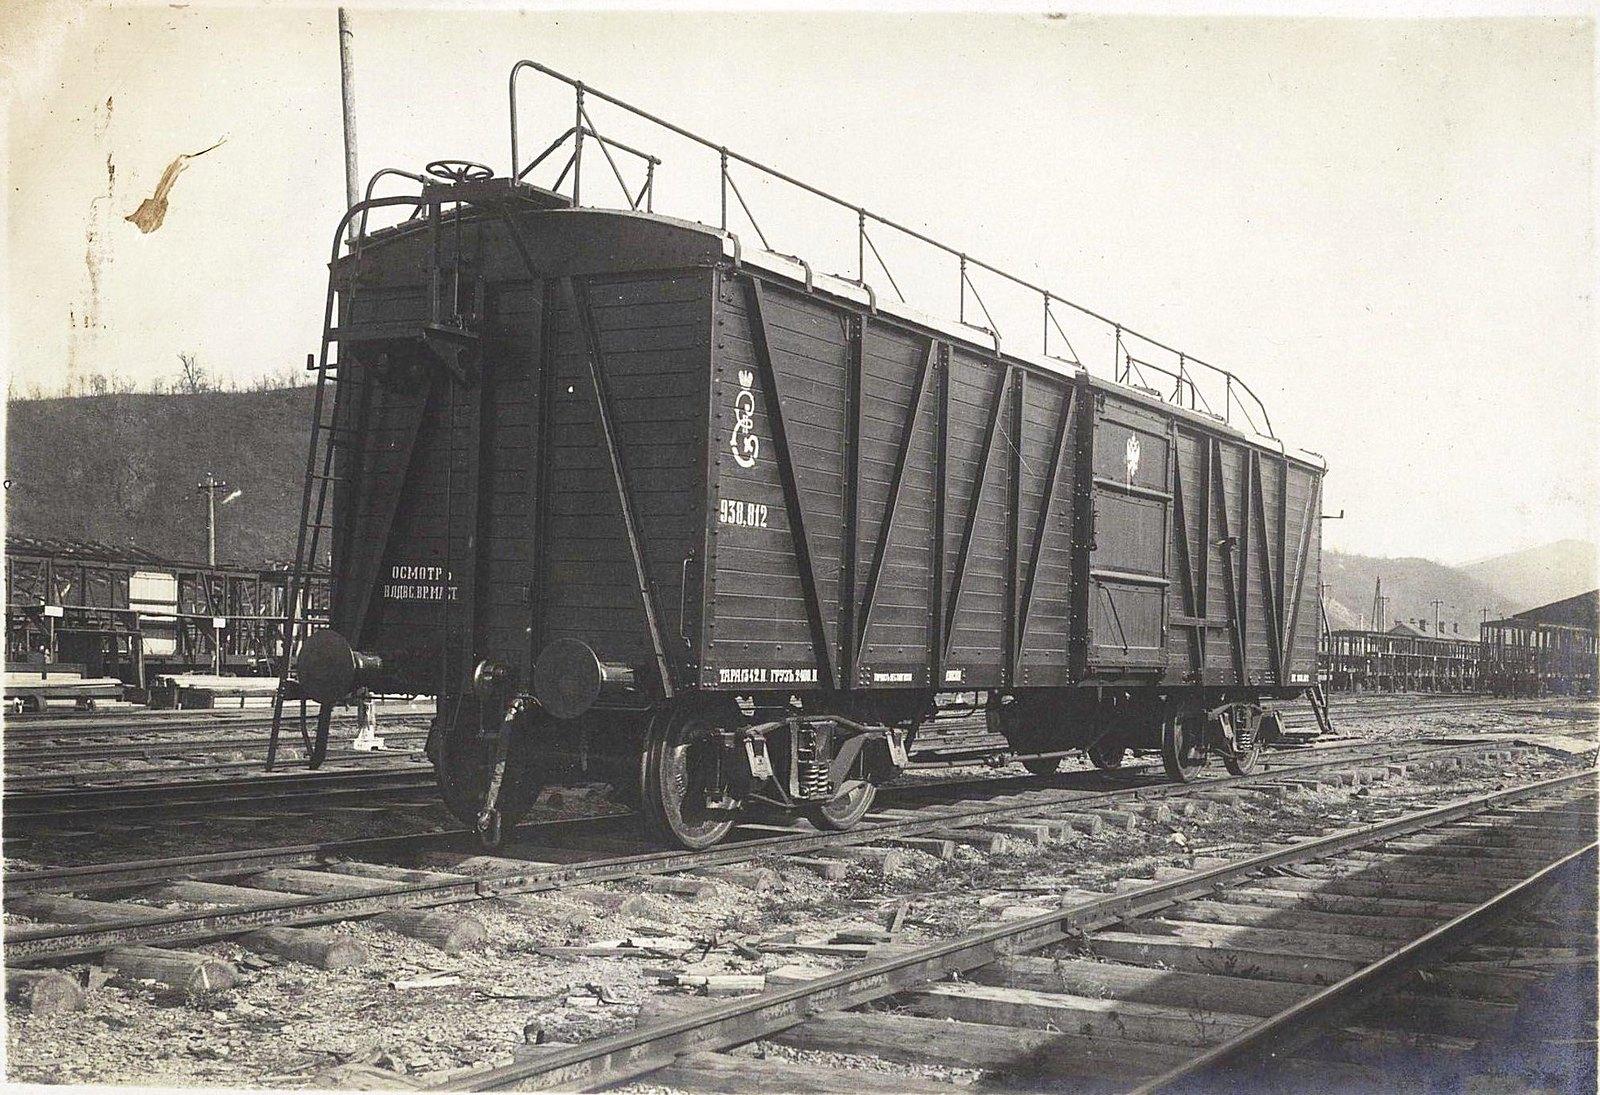 106. Законченный сборкой крытый вагон Восточного вагоностроительного общества